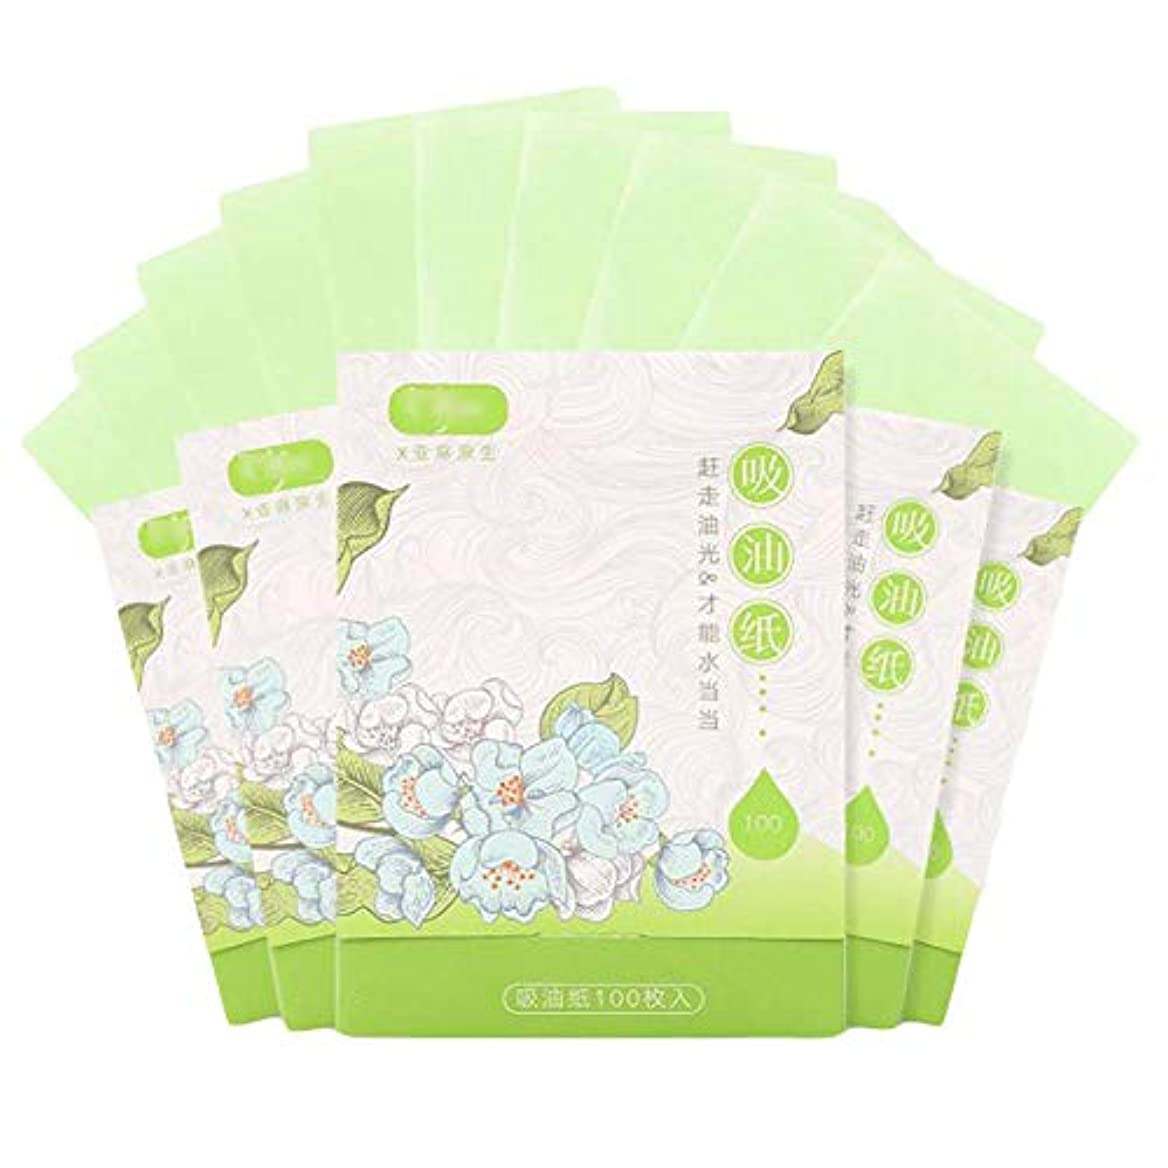 ダイエット反逆者おじいちゃん人および女性のための携帯用顔オイルブロッティング紙、緑500枚のシート